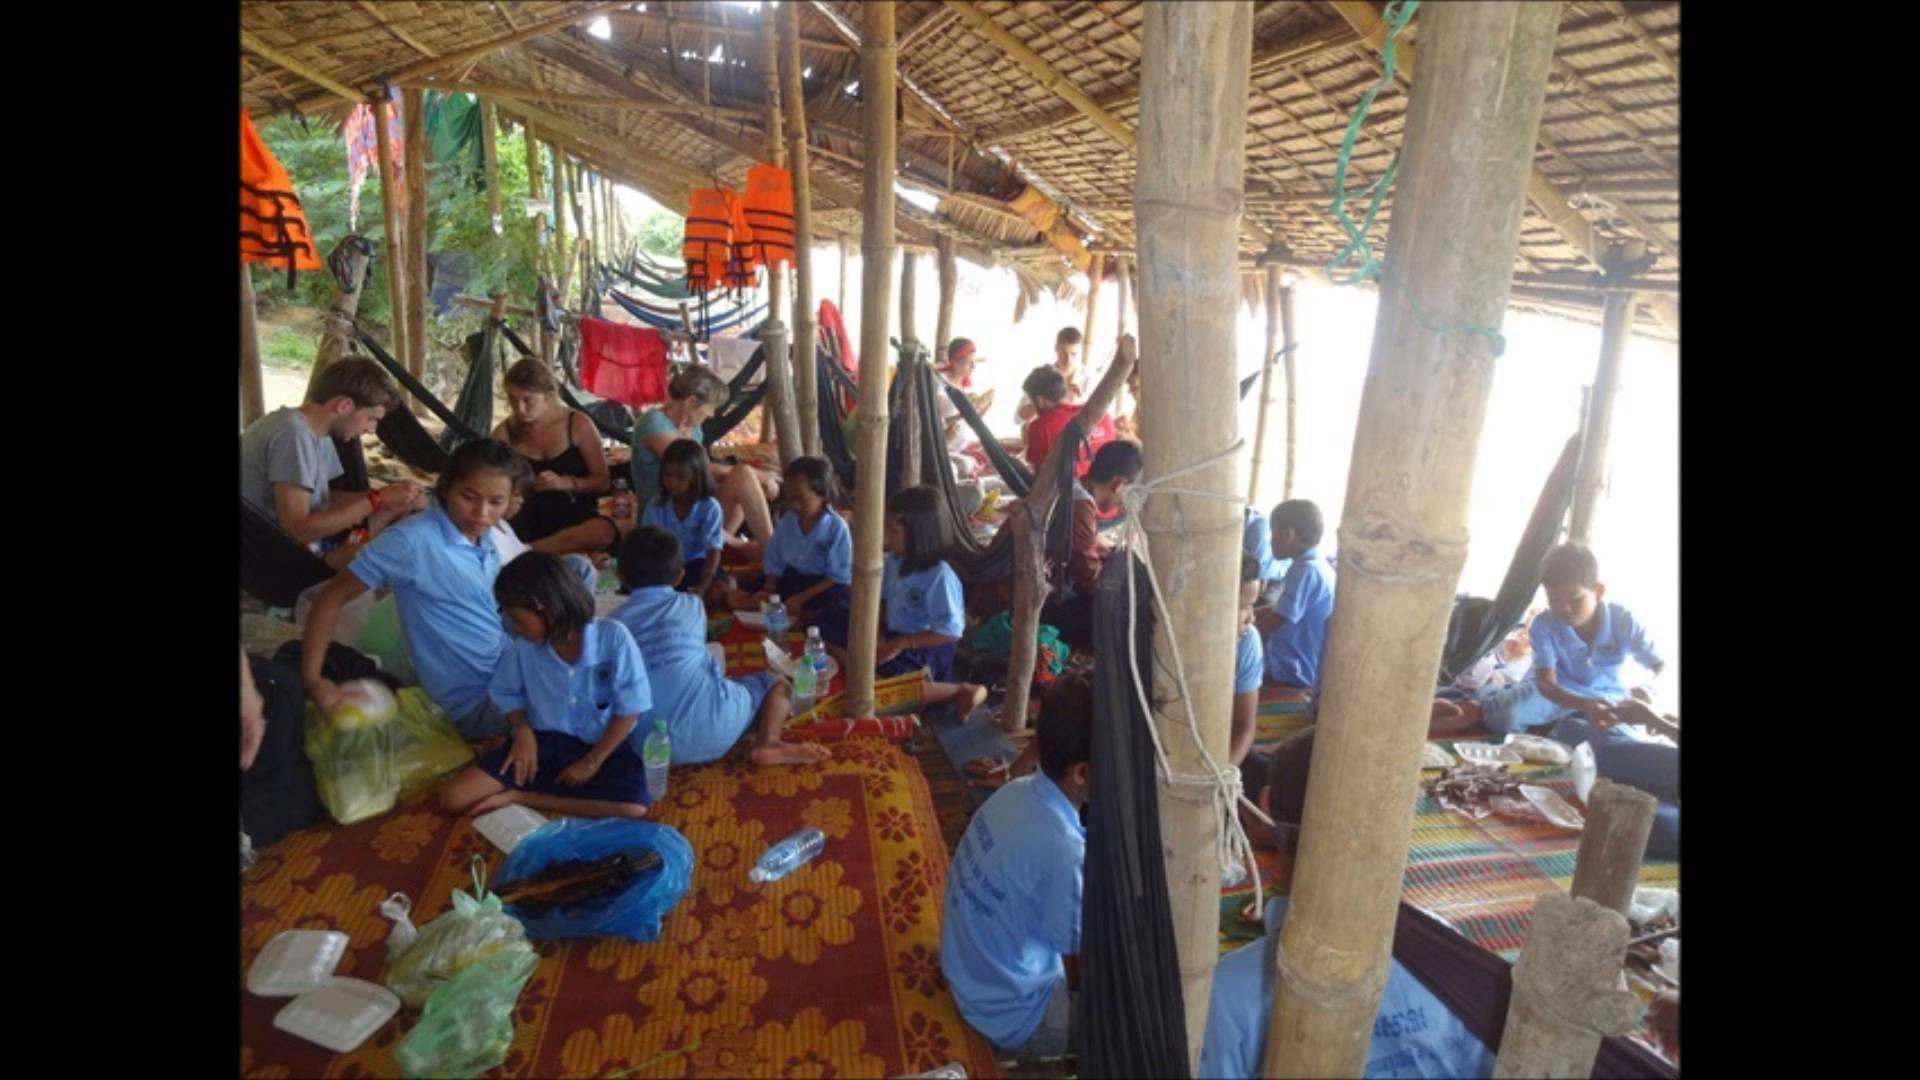 Les enfants de Koh Kong : souvenirs de voyage à Angkor.